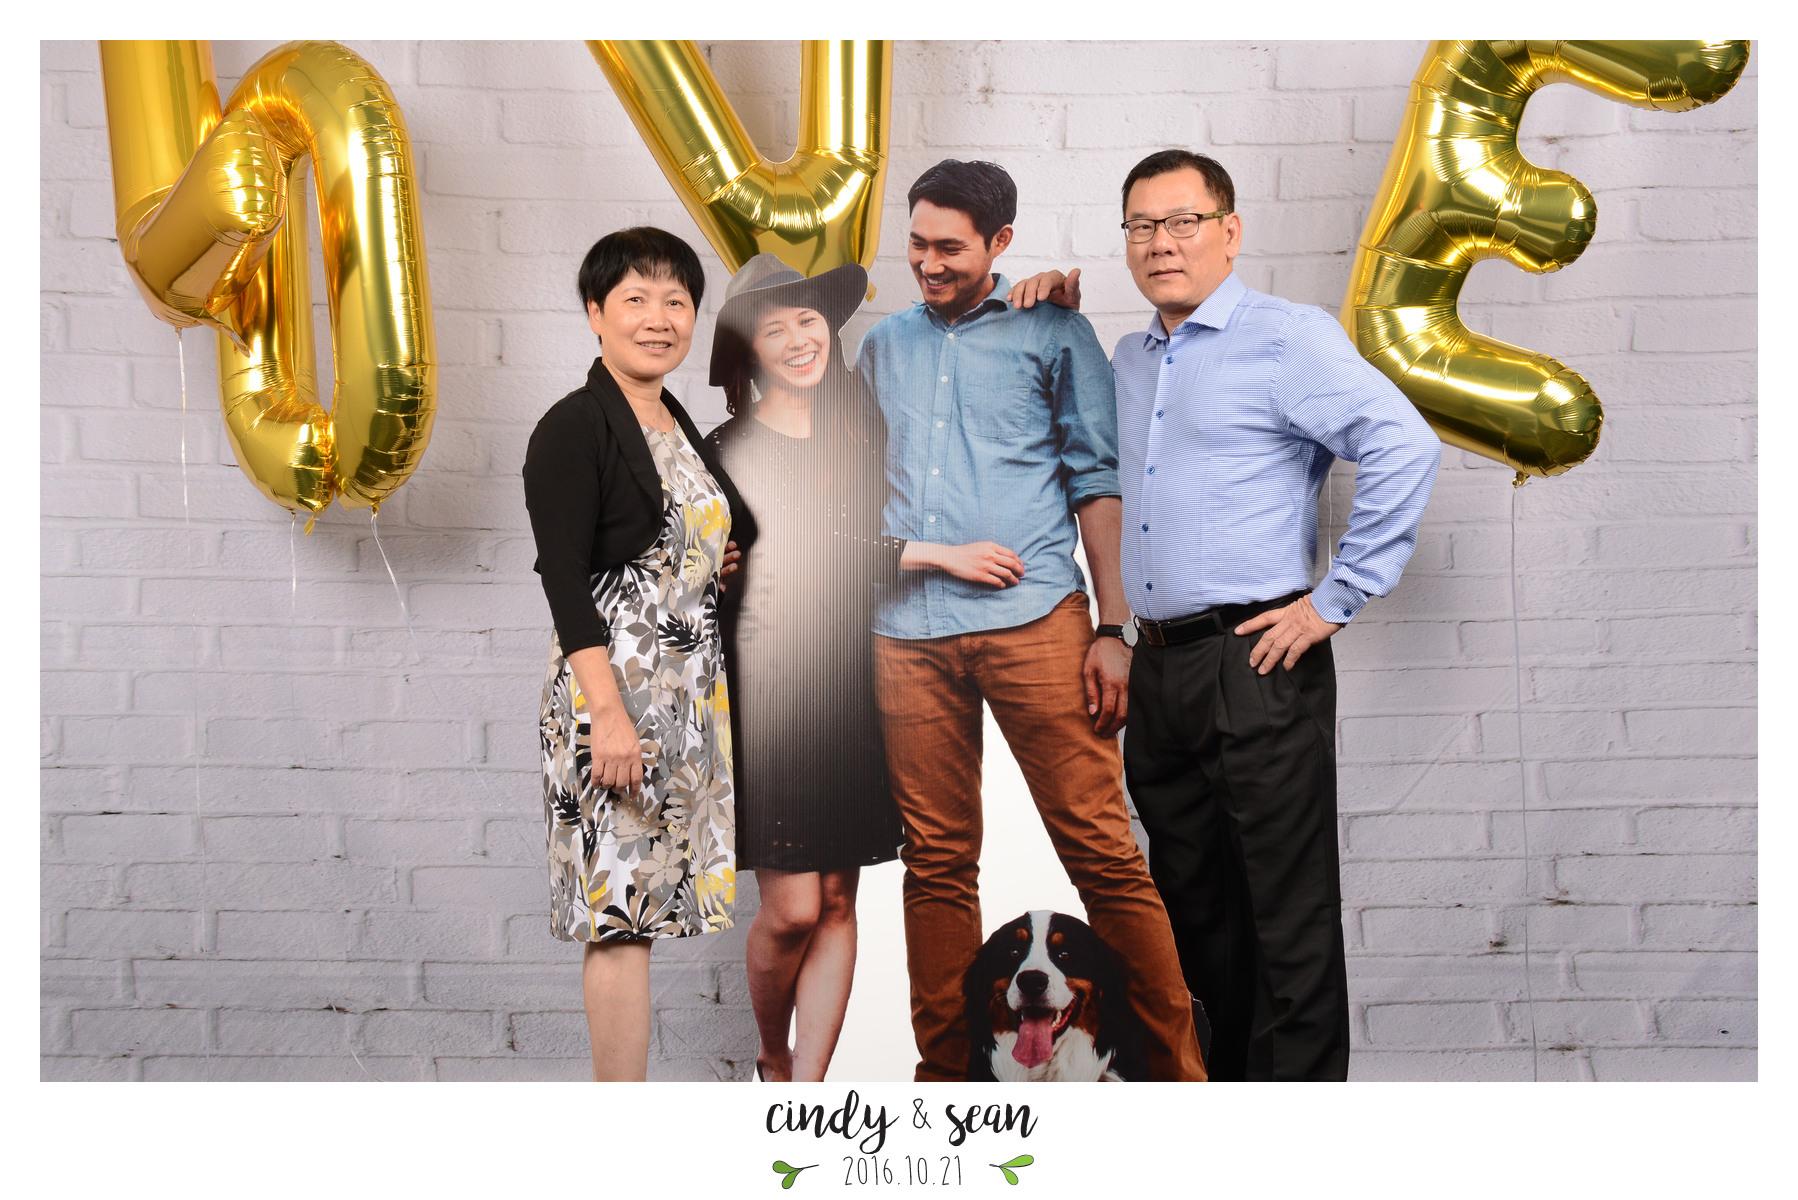 Cindy Sean Bae - 0001-153.jpg